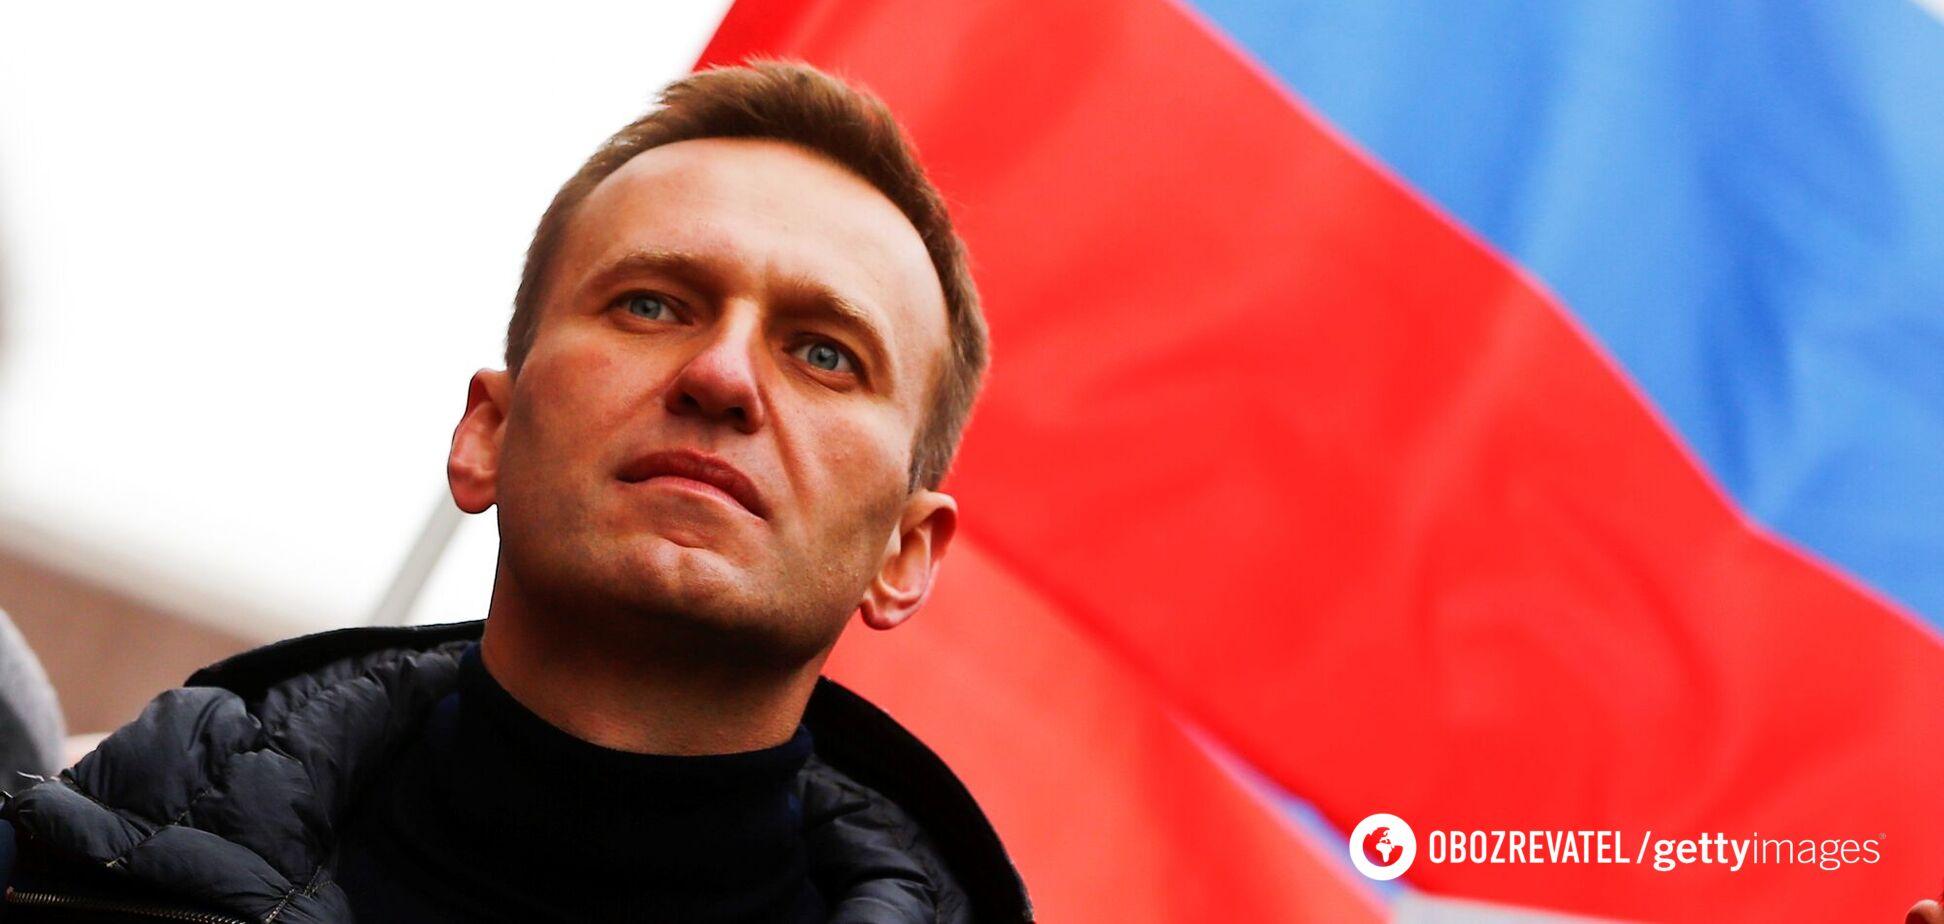 Лидеры ЕС введут санкции против России из-за Навального: кого затронут новые меры